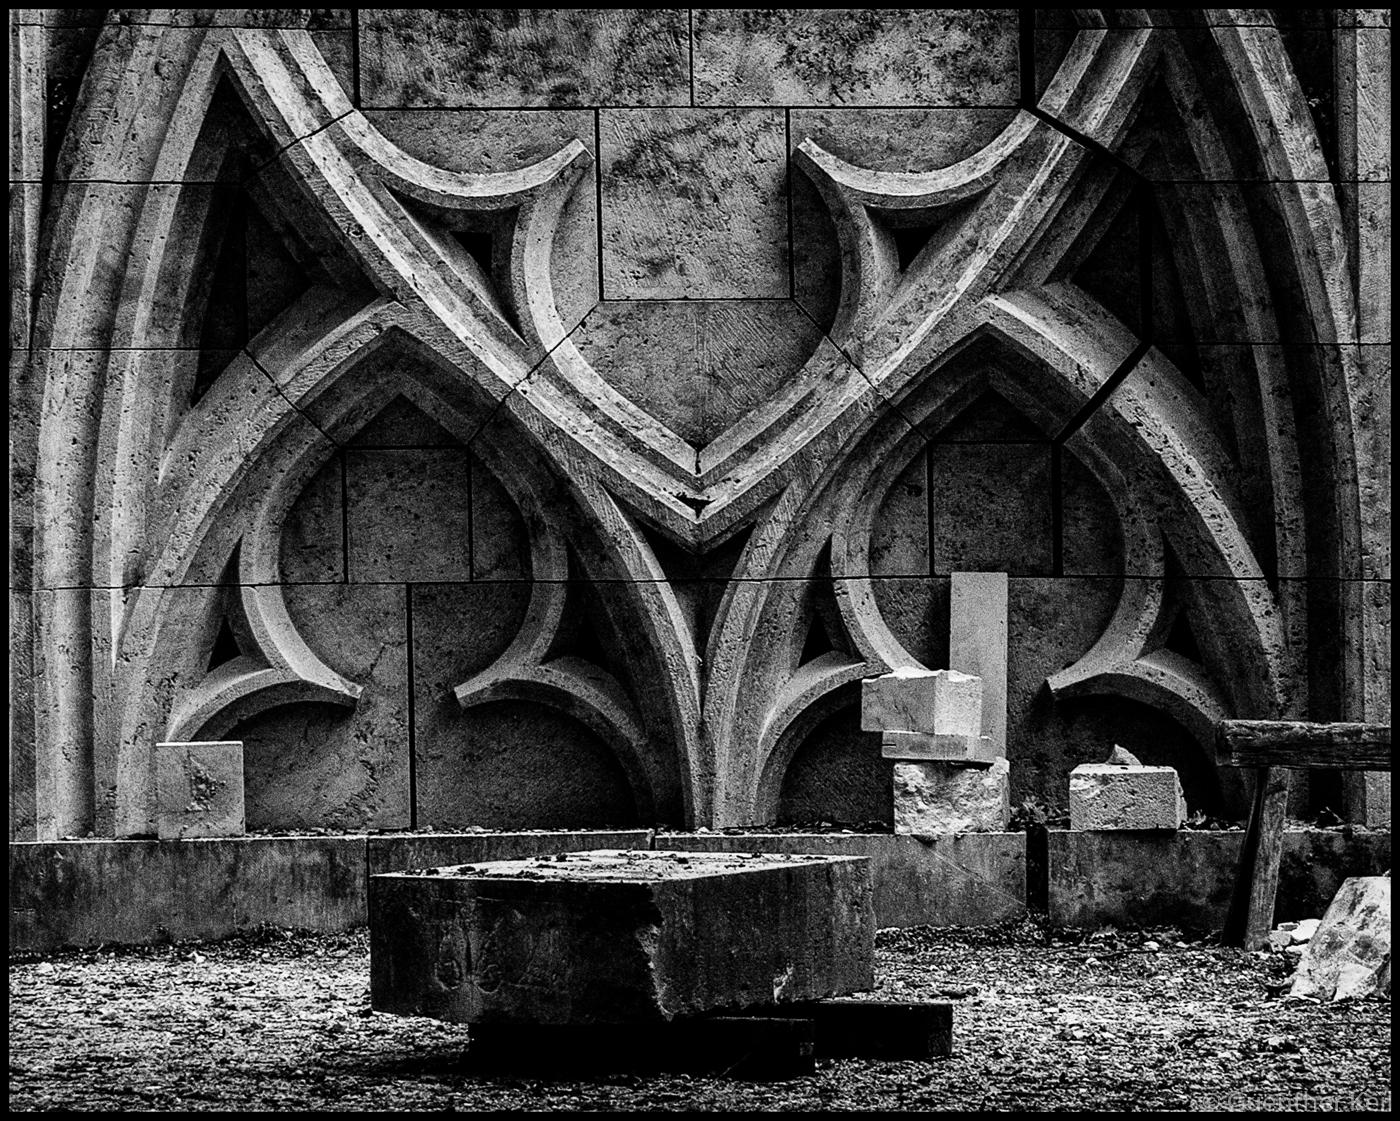 Regensburger Gotik: Mein Beitrag zur Linsenkunst-Sommerakademie 2017